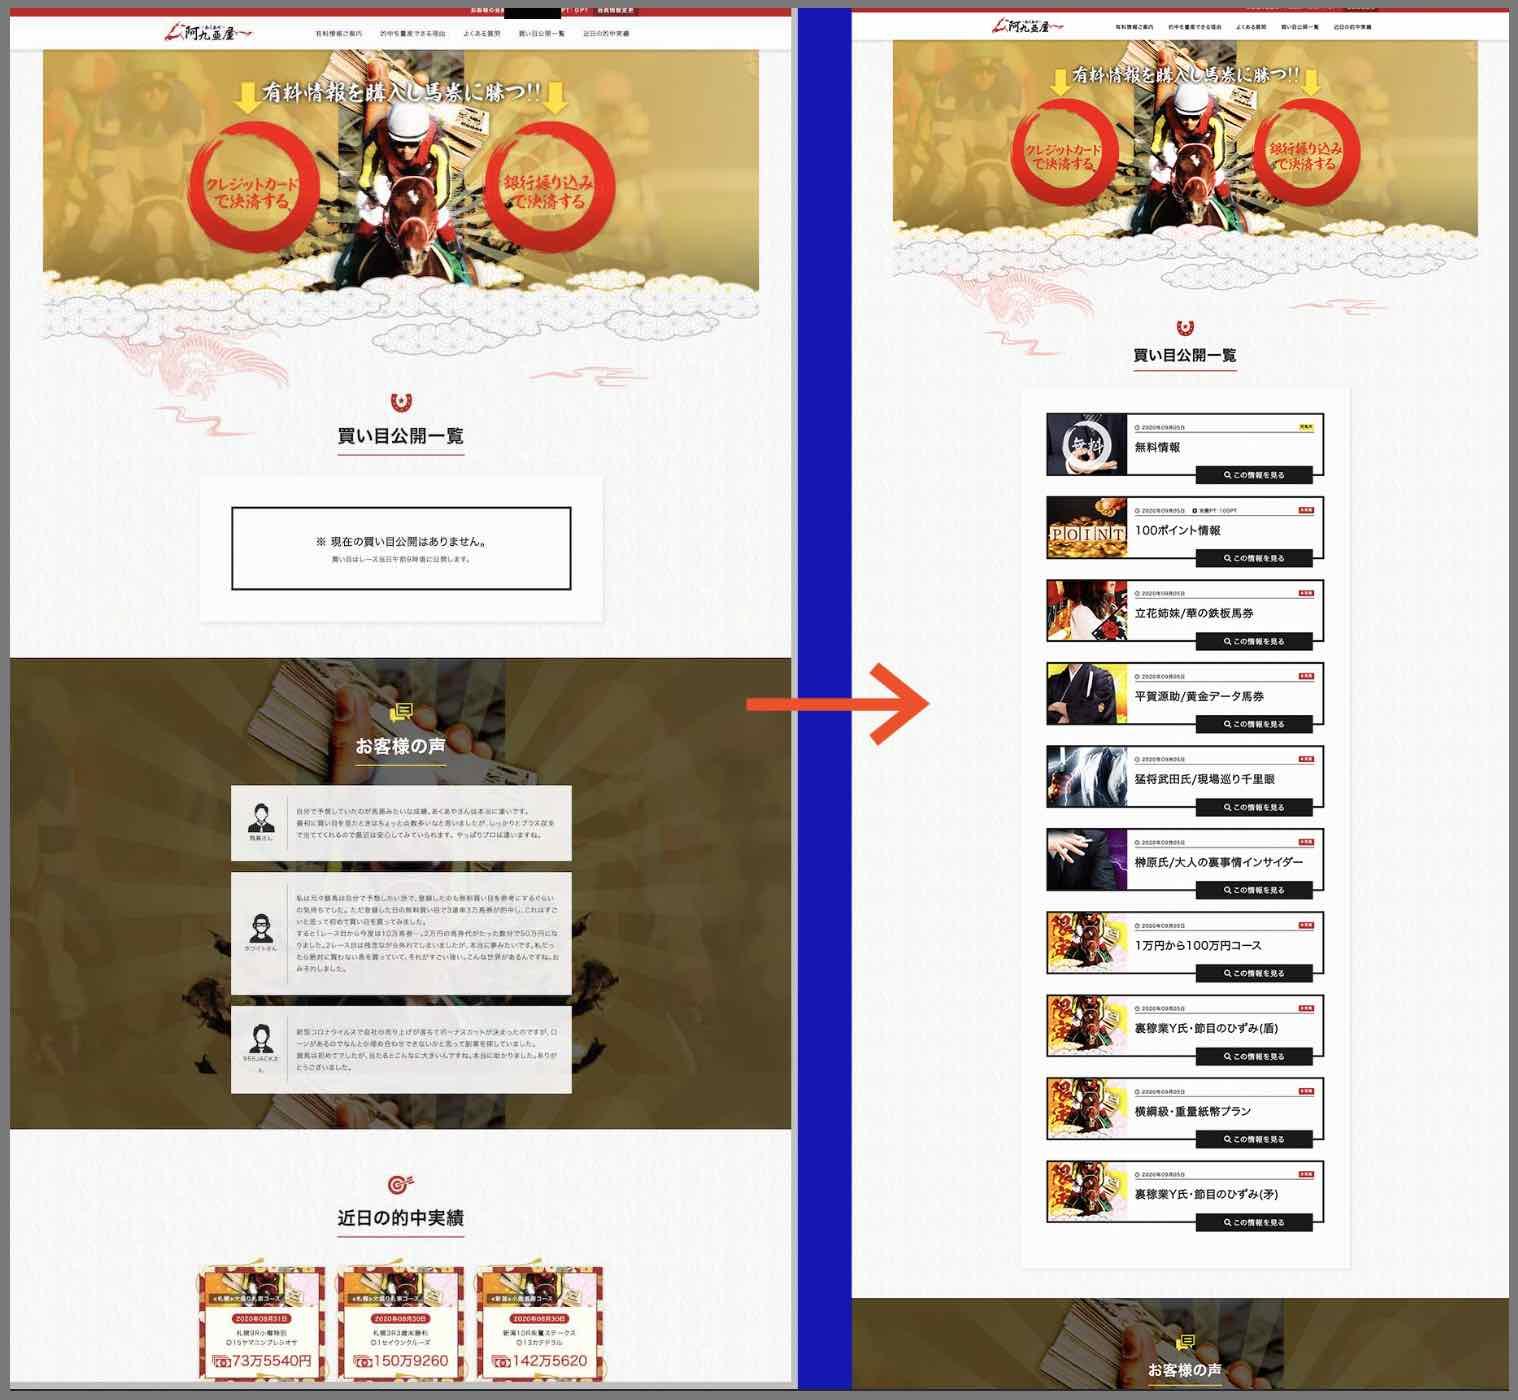 阿九亜屋という競馬予想サイトの会員ページ